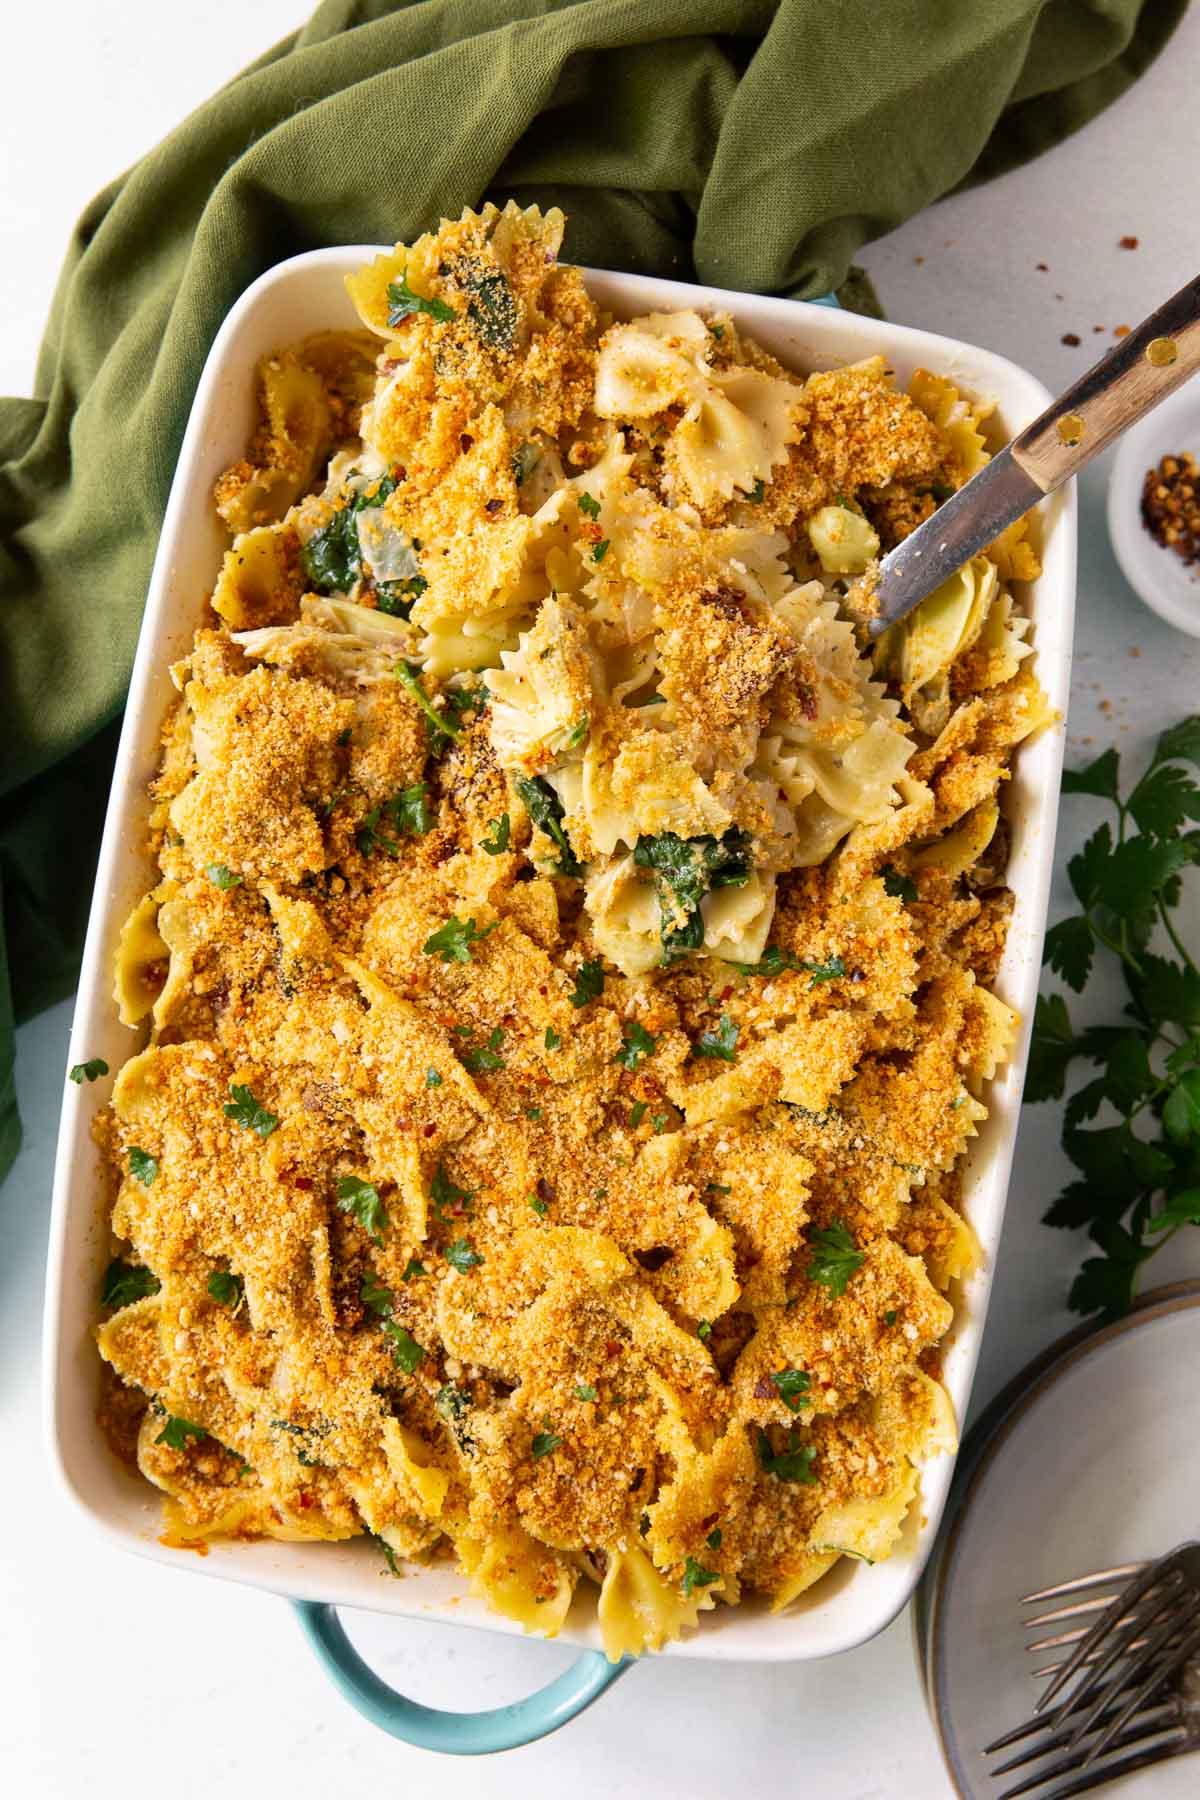 chicken florentine pasta bake in a casserole dish